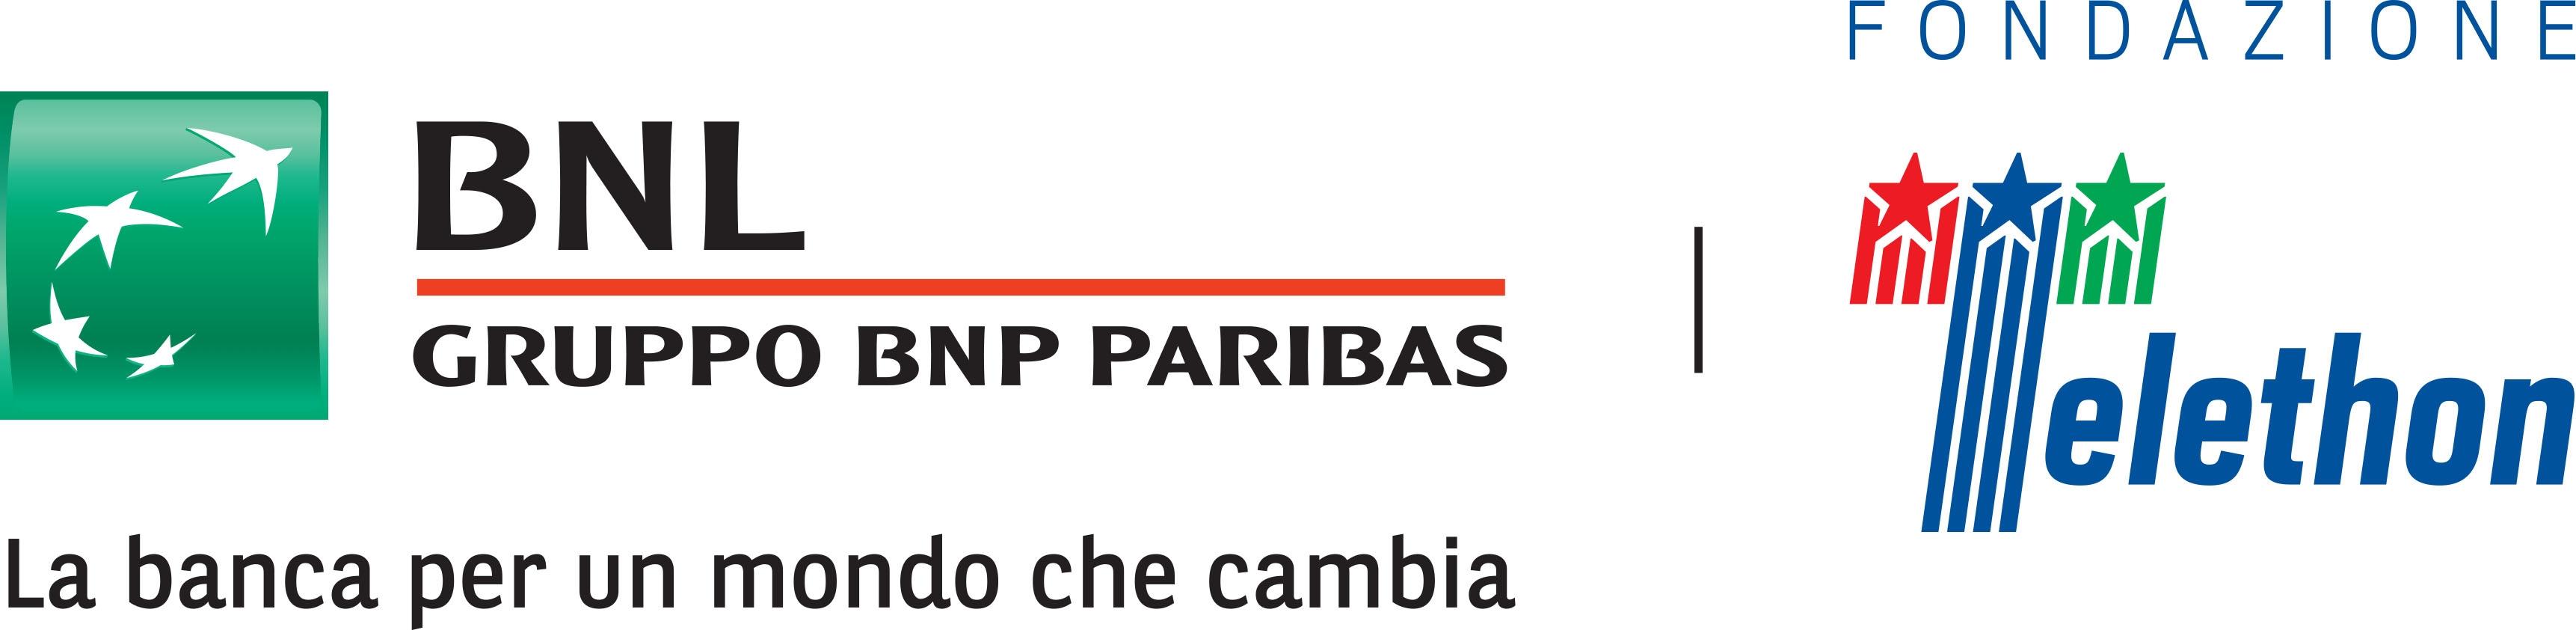 BNL gruppo BNP Paribas Con 10 milioni 250 mila euro celbra il suo 25° anno al fianco di Telethon